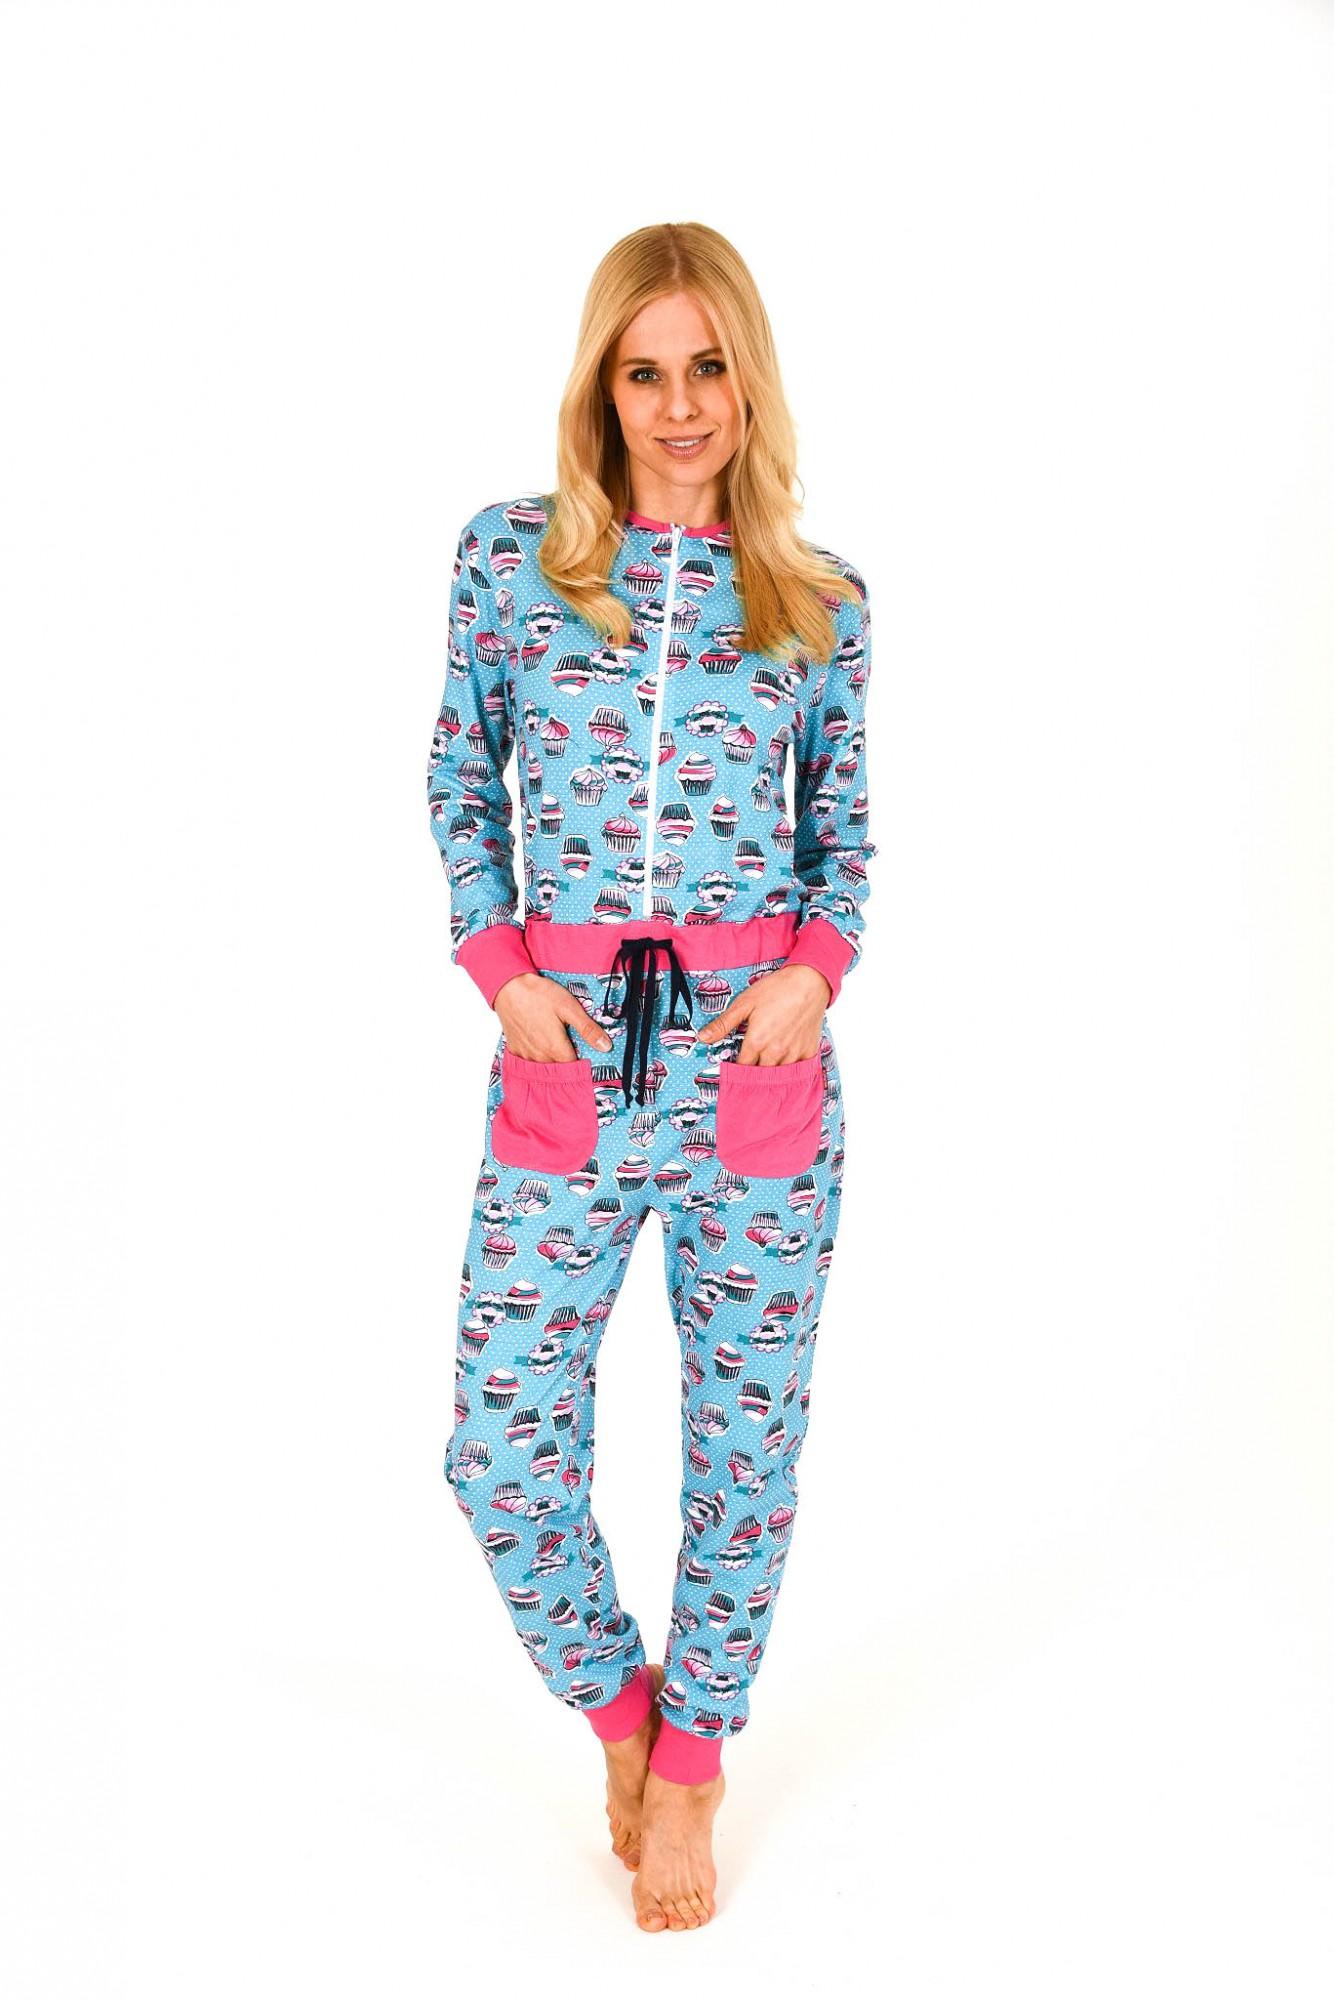 promo code 70373 e4836 Damen Schlafanzug Einteiler Jumpsuit Overall langarm mit tollen Motiv 267  90 104